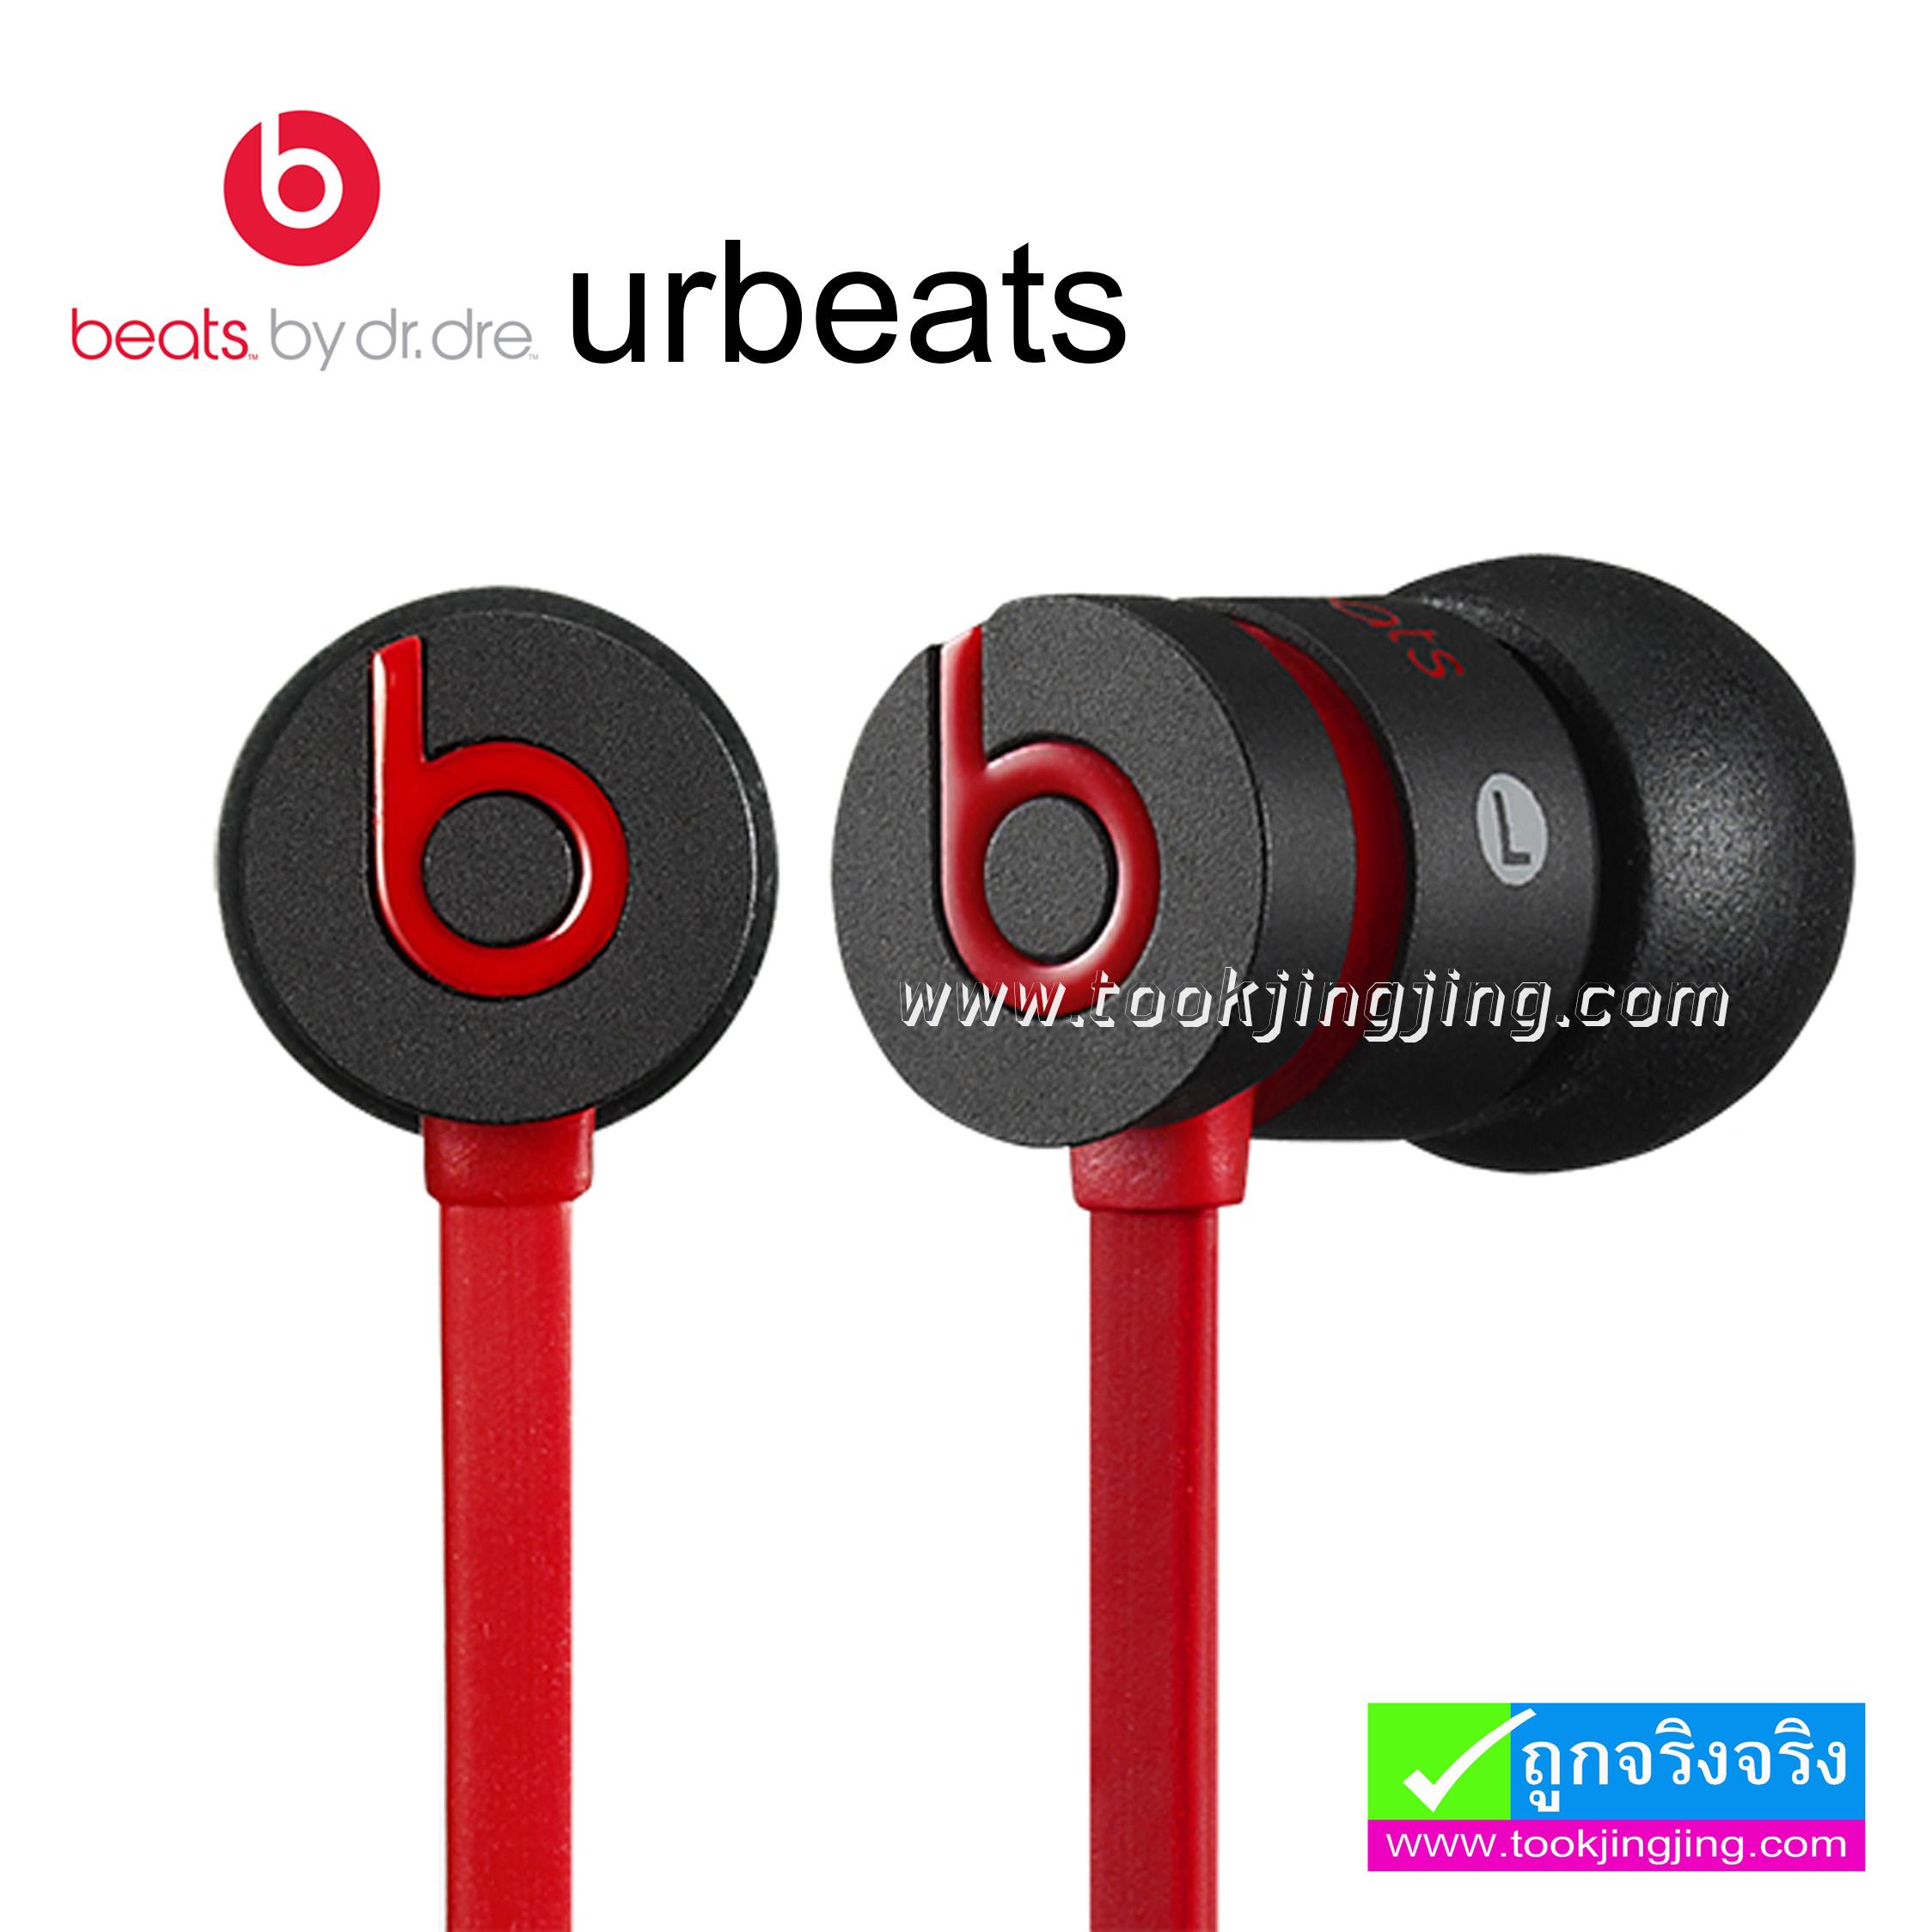 หูฟัง Beats urbeats